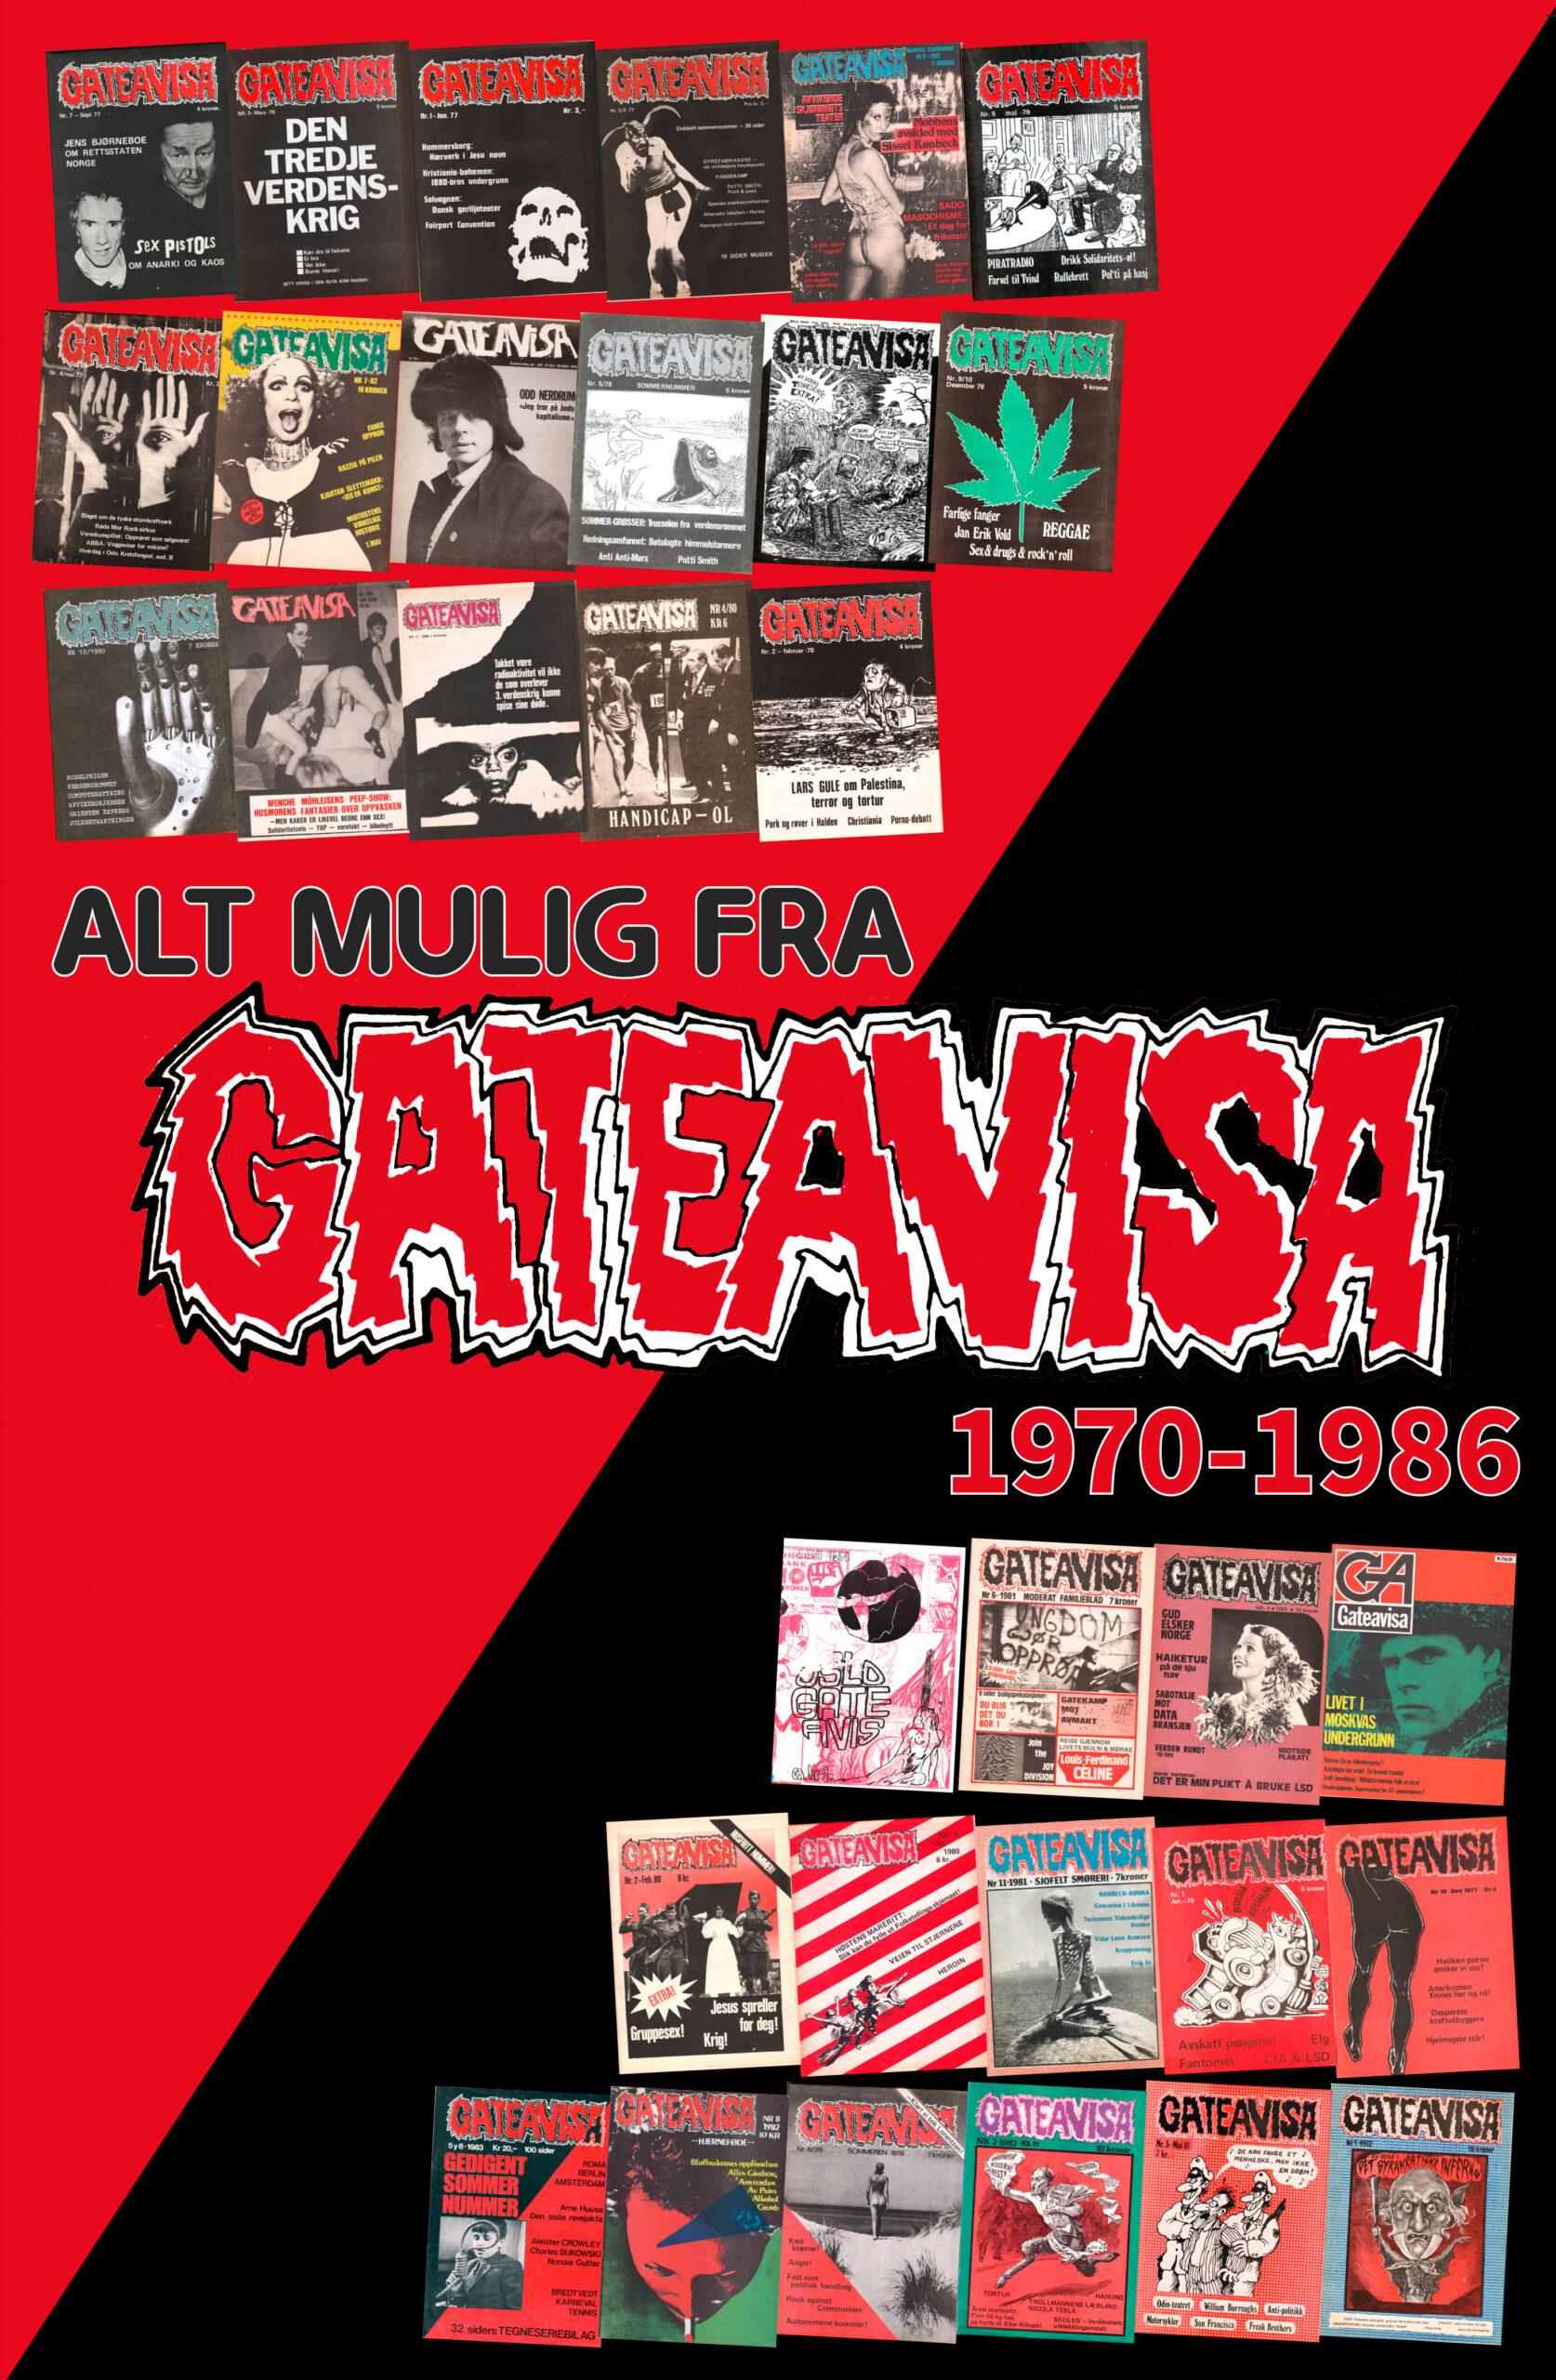 Audun Engh (red), Ulrik Hegnar (red): Alt mulig fra Gateavisa 1970-1986